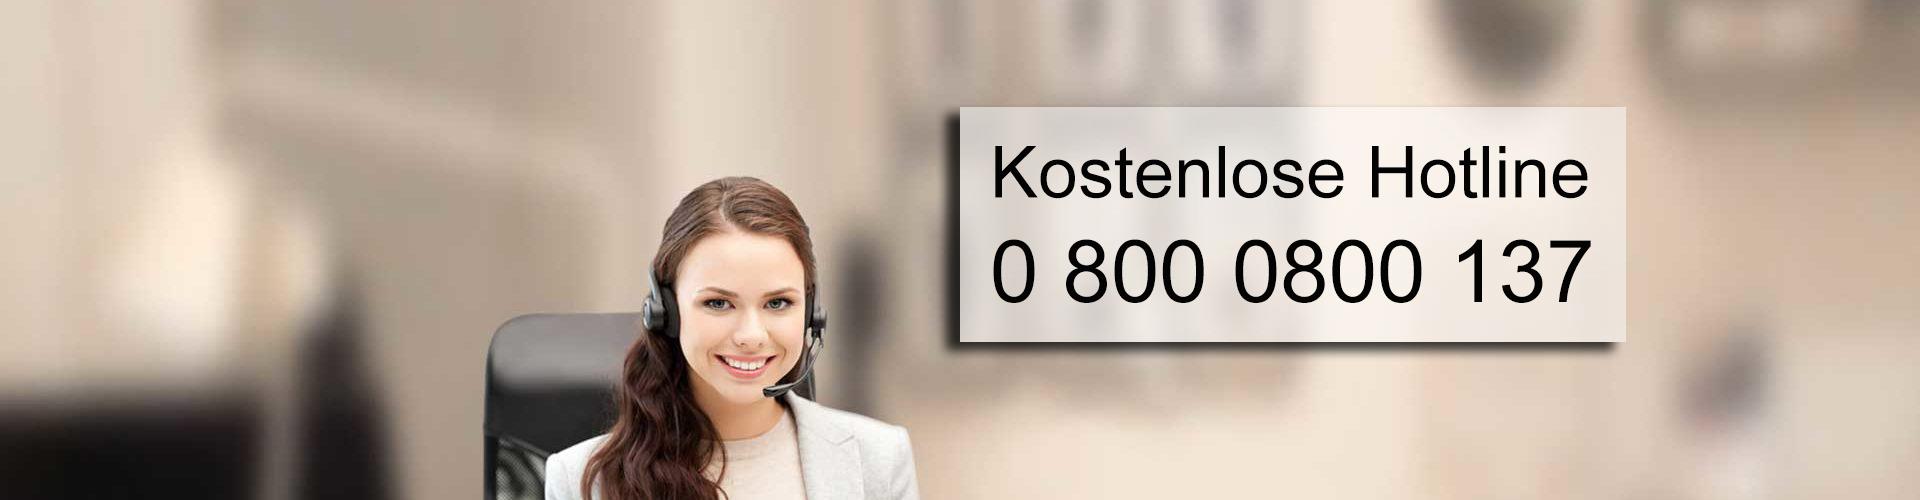 hotline erania